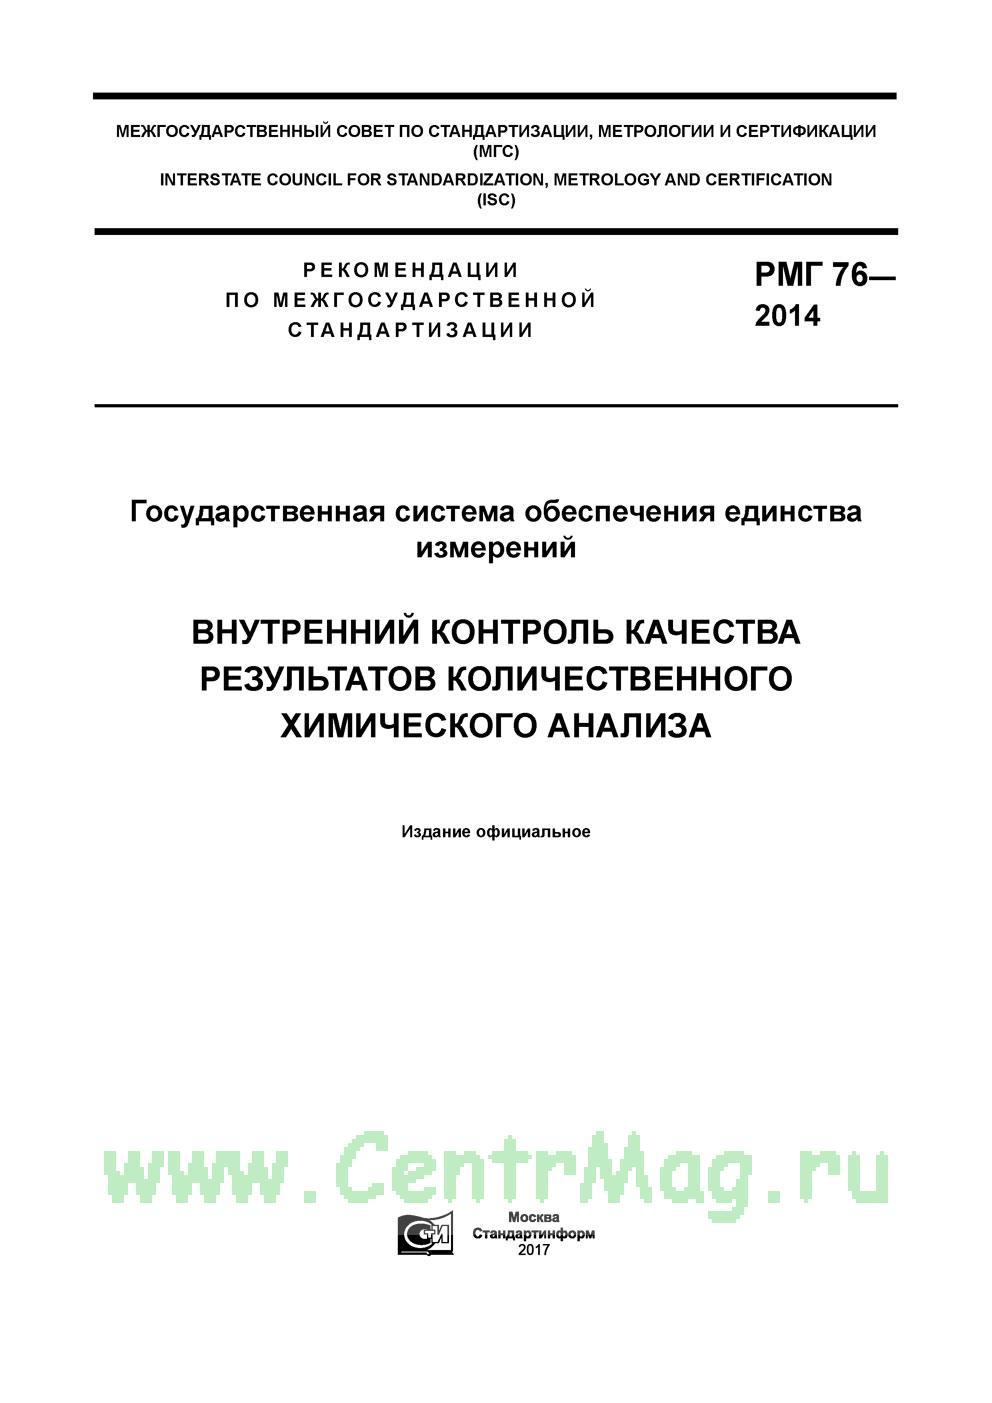 РМГ 76-2014 Государственная система обеспечения единства измерений. Внутренний контроль качества результатов количественного химического анализа 2019 год. Последняя редакция